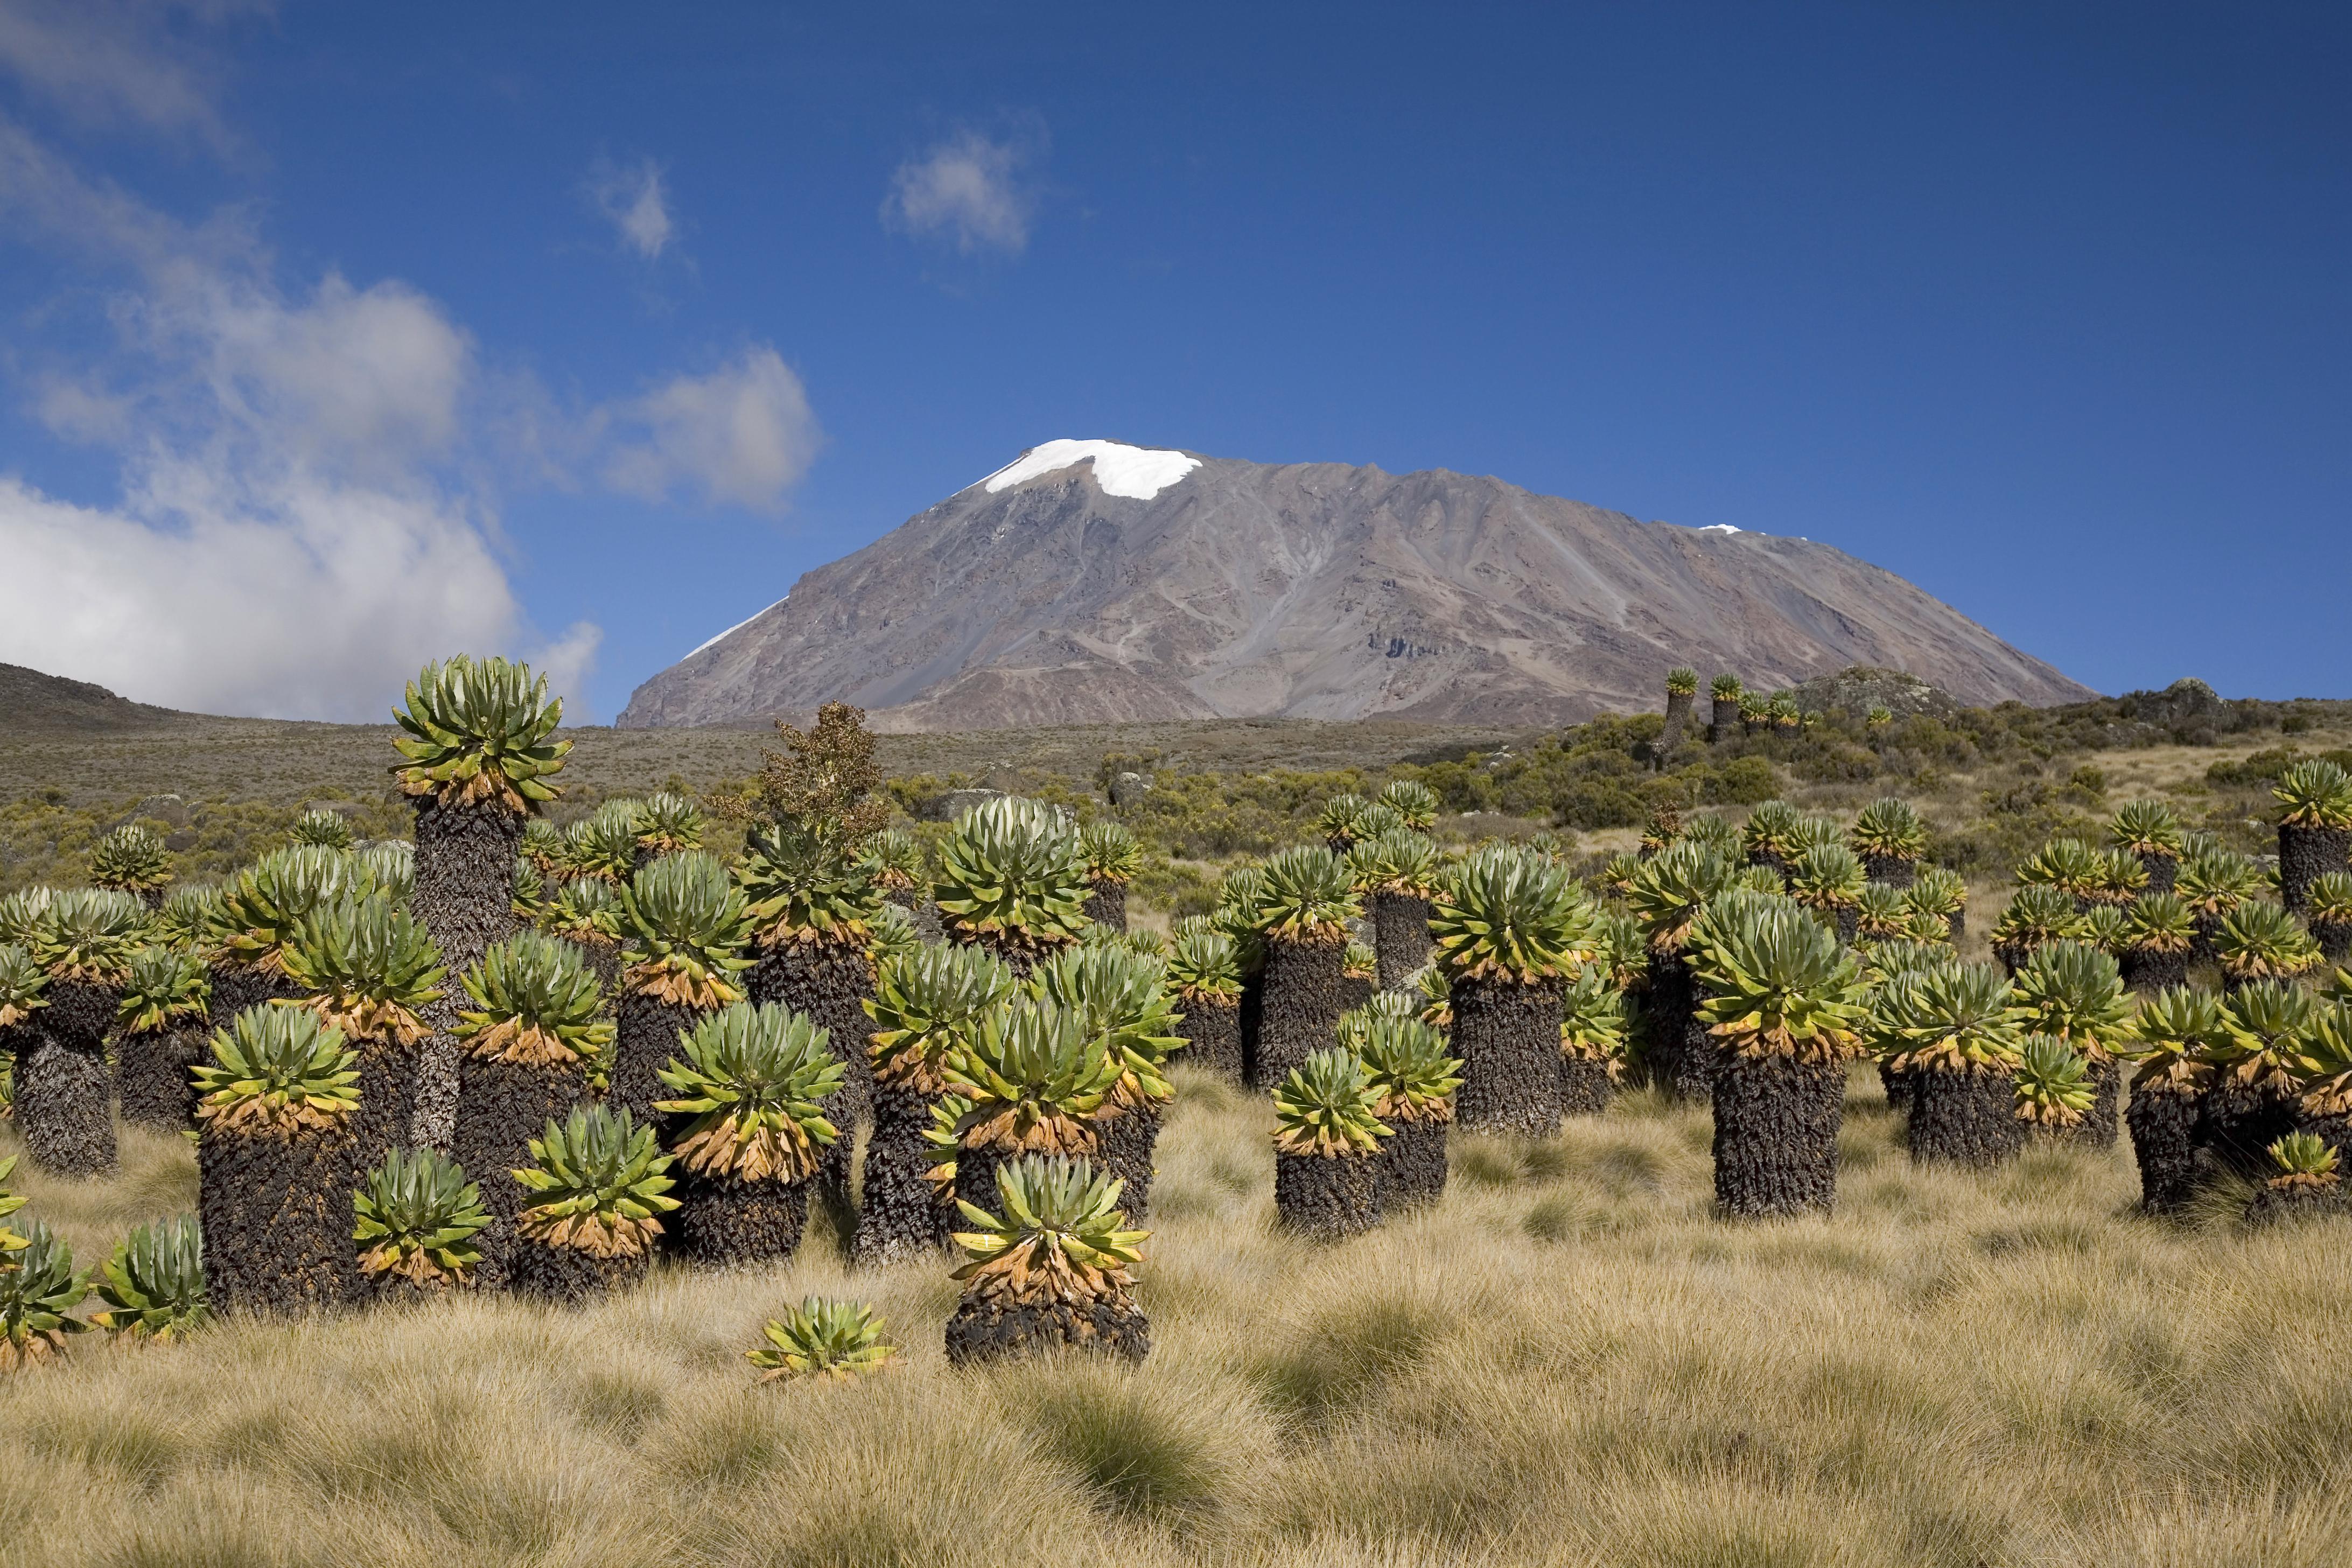 """La """"vuelta al mundo"""" en cinco días - Tanzania Gran Viaje Ascensión al Kilimanjaro: Ruta Marangu"""